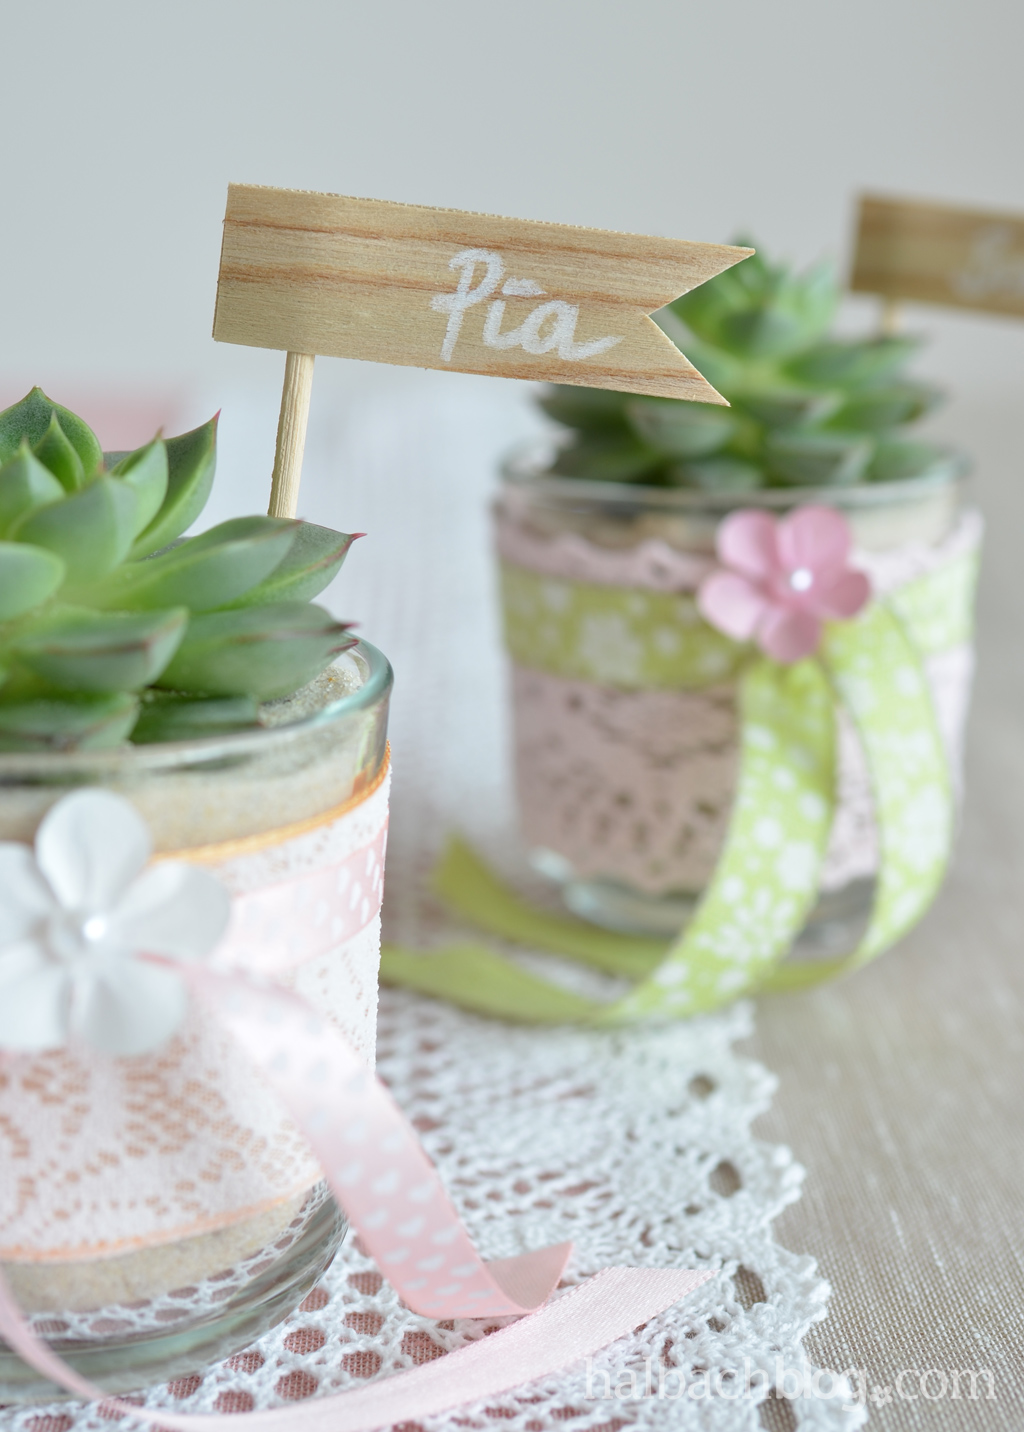 DIY-Idee halbachblog: Gastgeschenke für die Hochzeit - Sukkulente im Glas mit Spitze und Bändern in warmen Pastellfarben